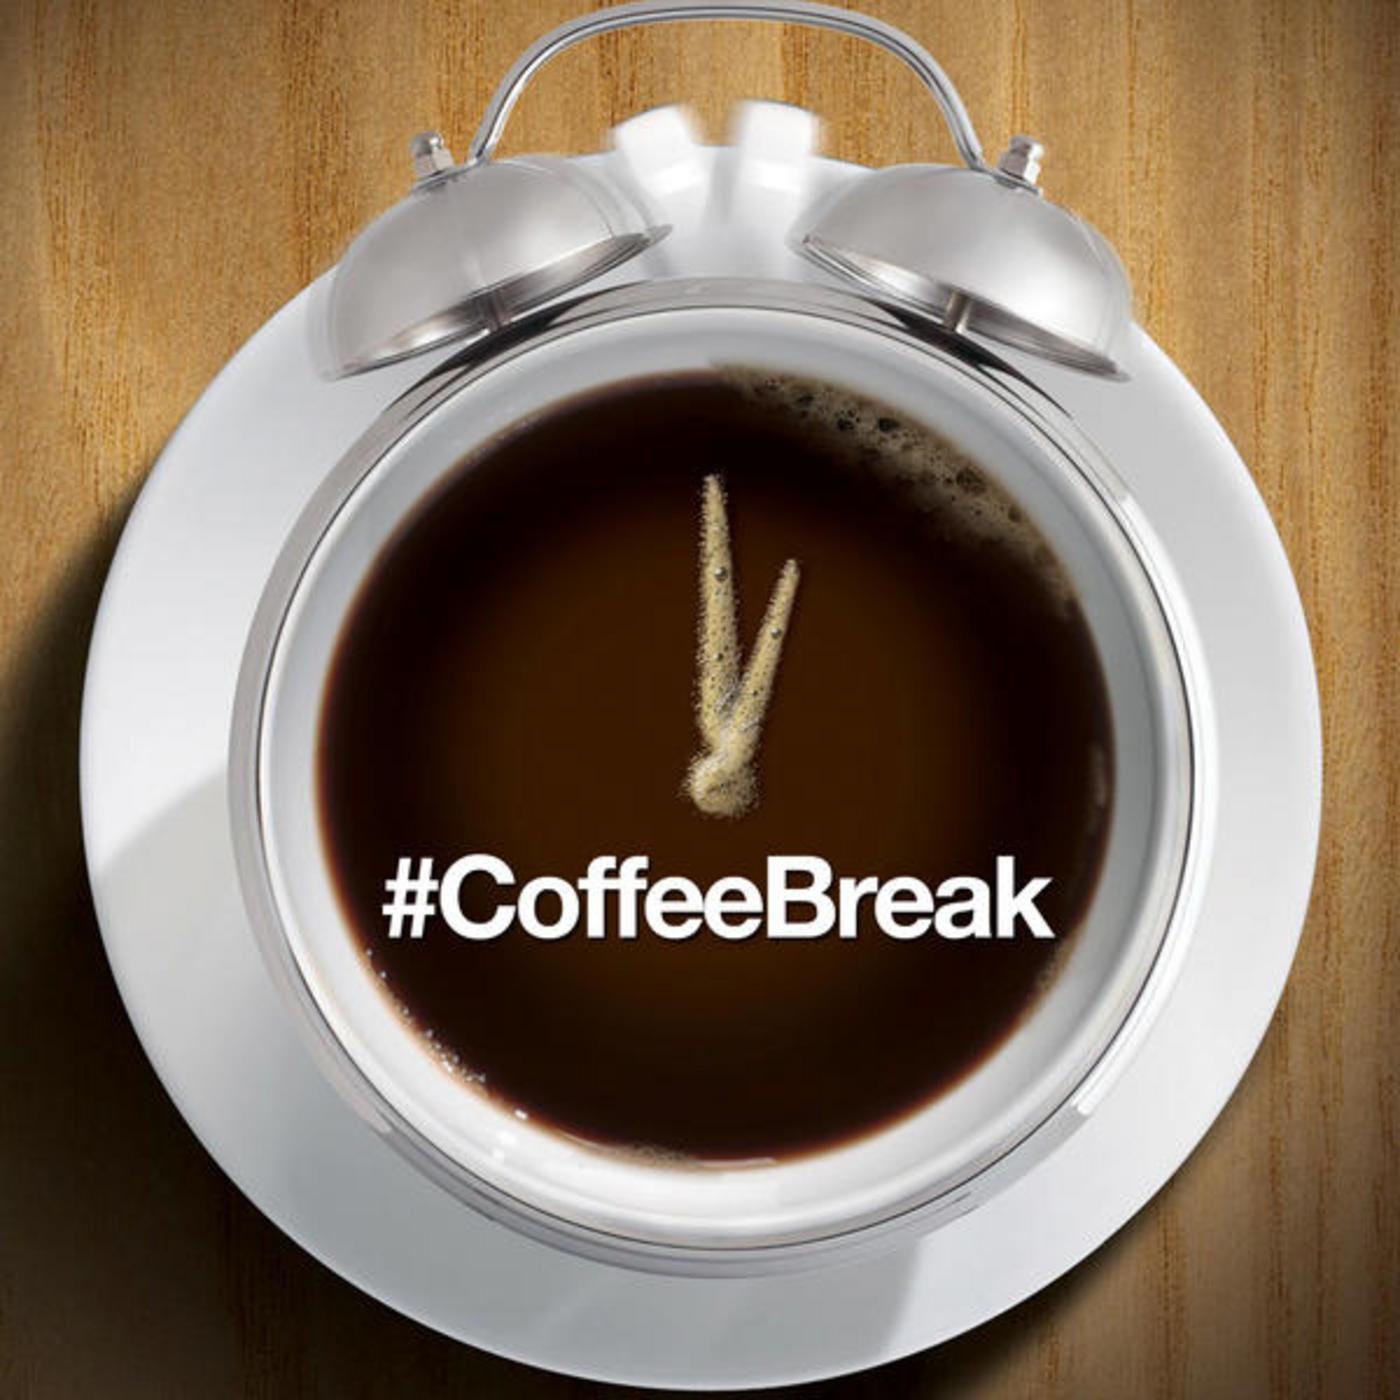 CoffeeBreak 04 - Blogs Corporativos